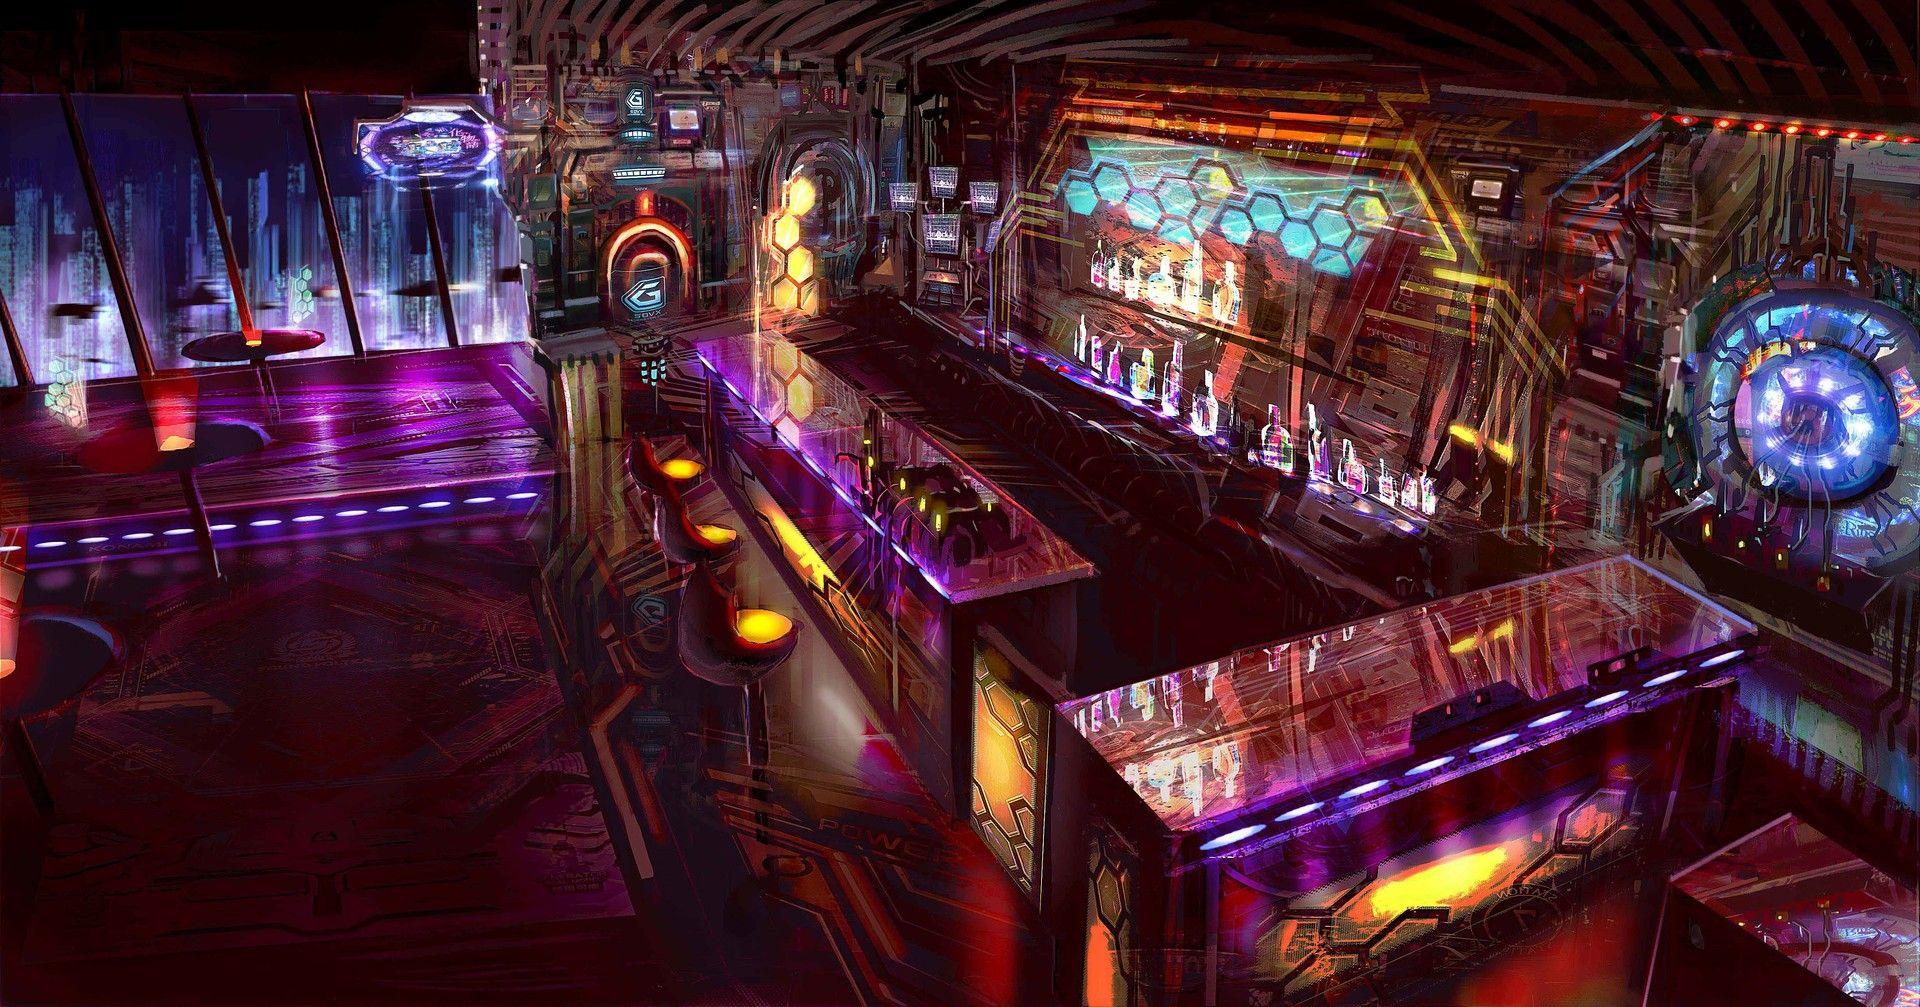 Sci Fi Bar Interior